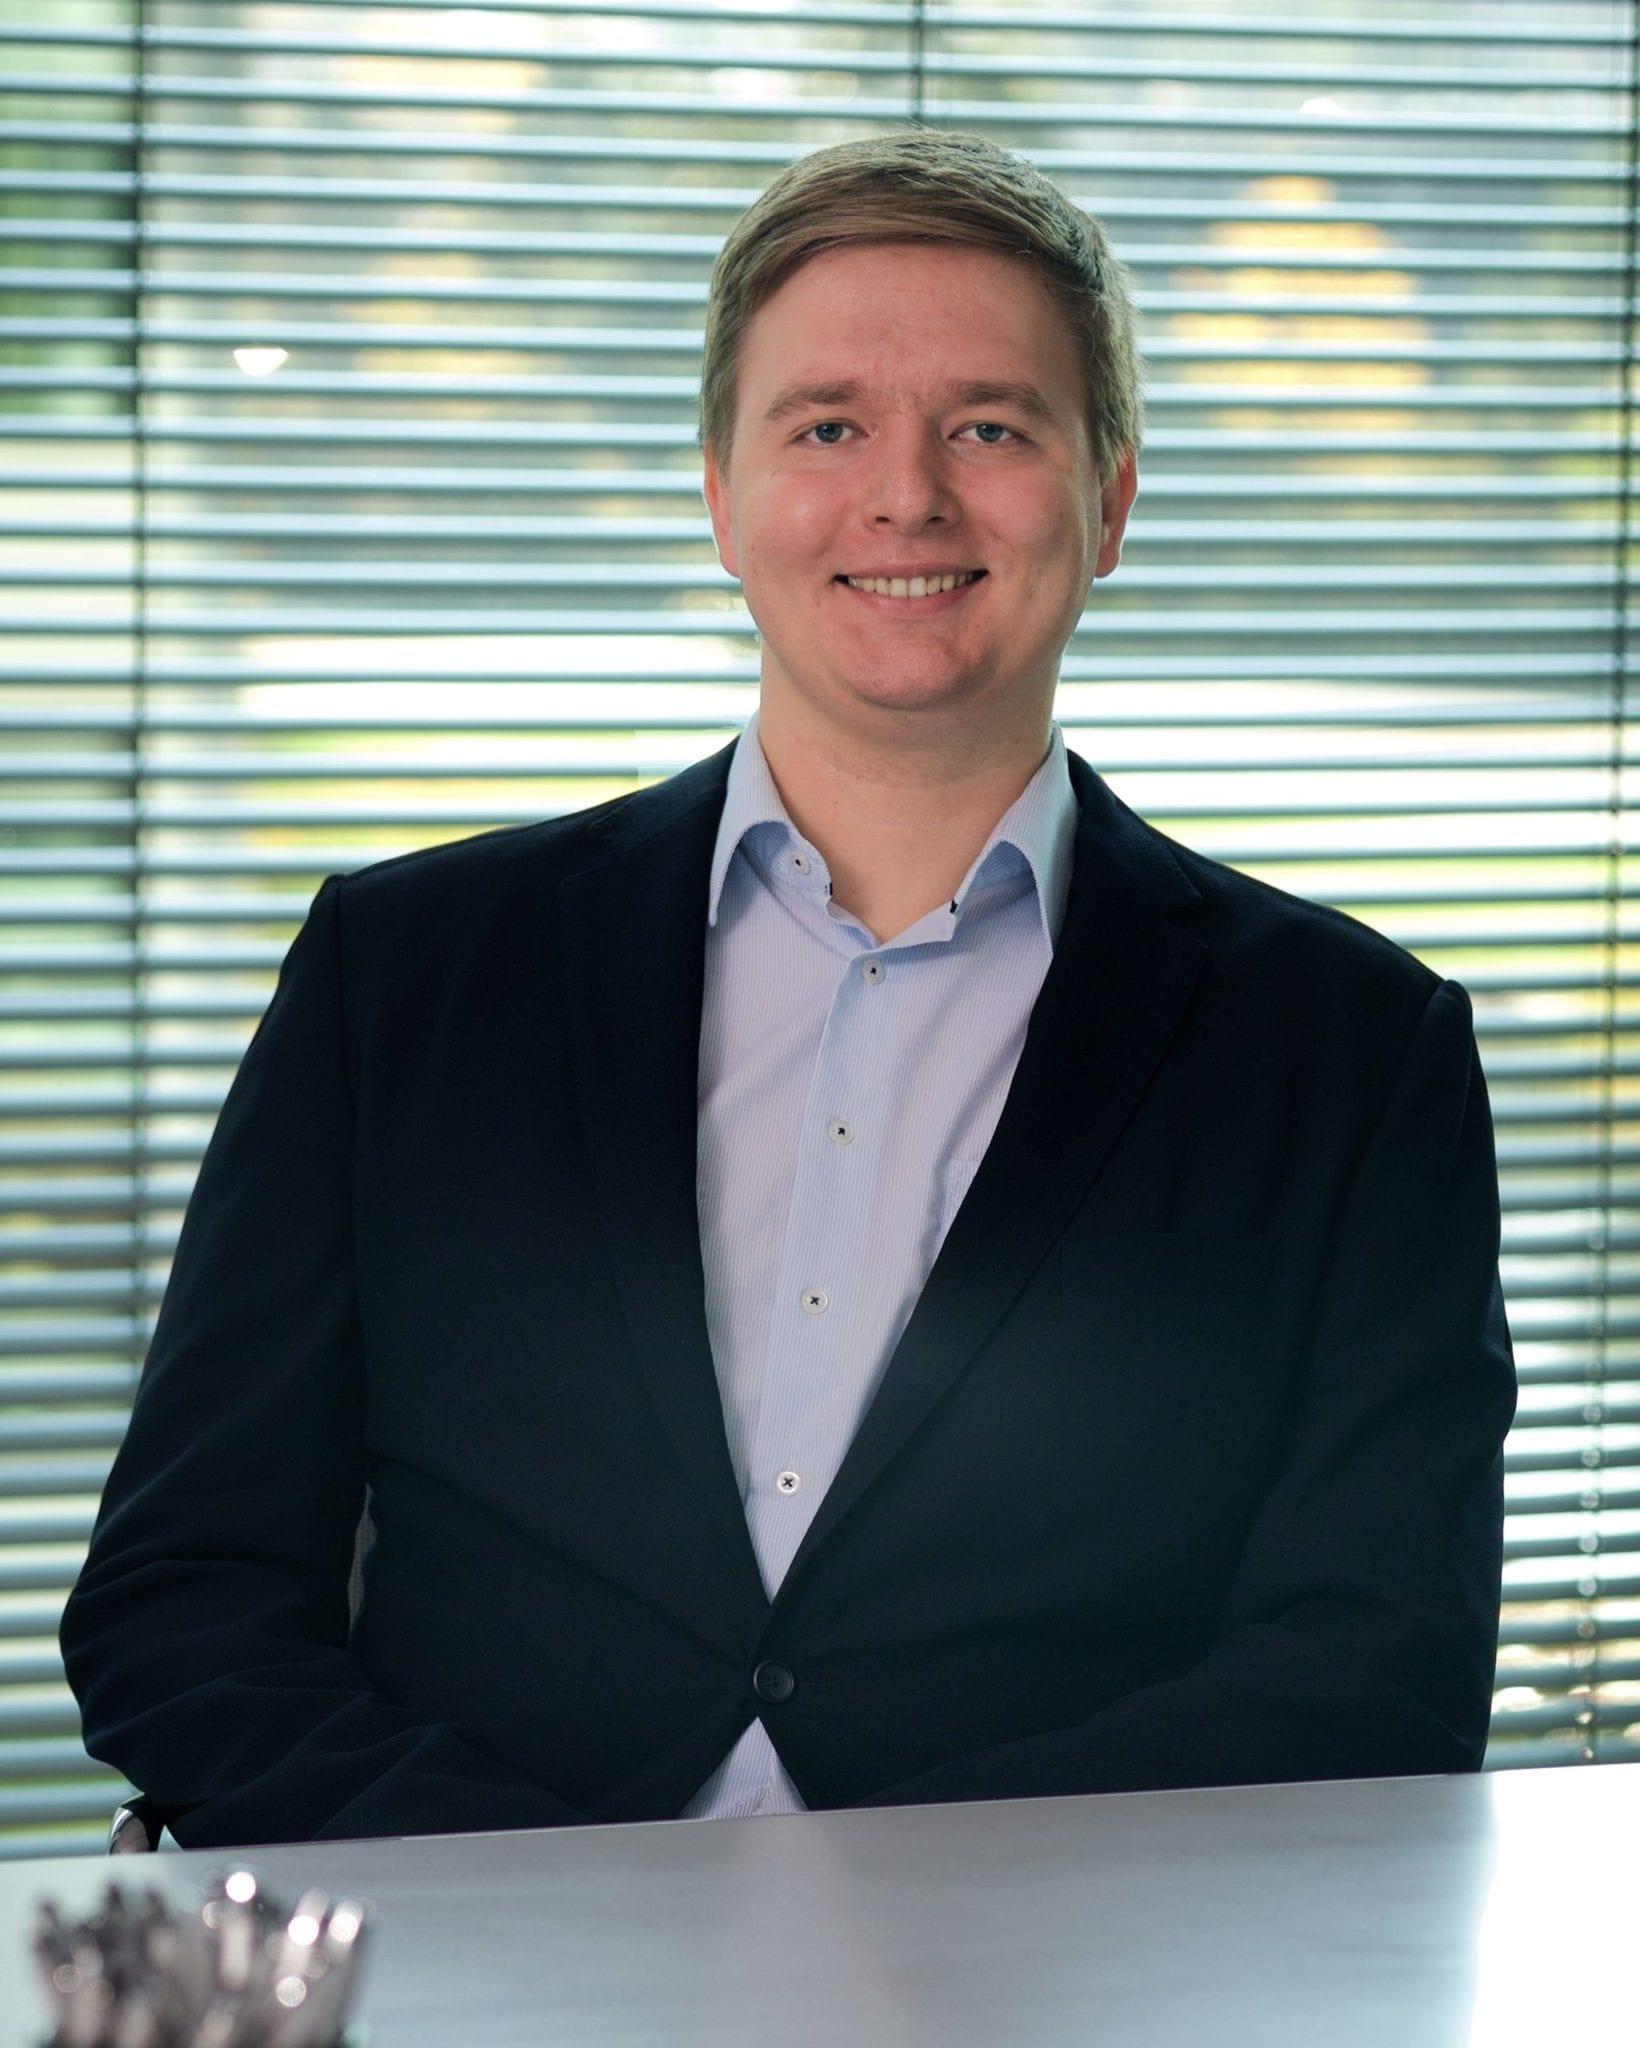 Marcel Hrošovský